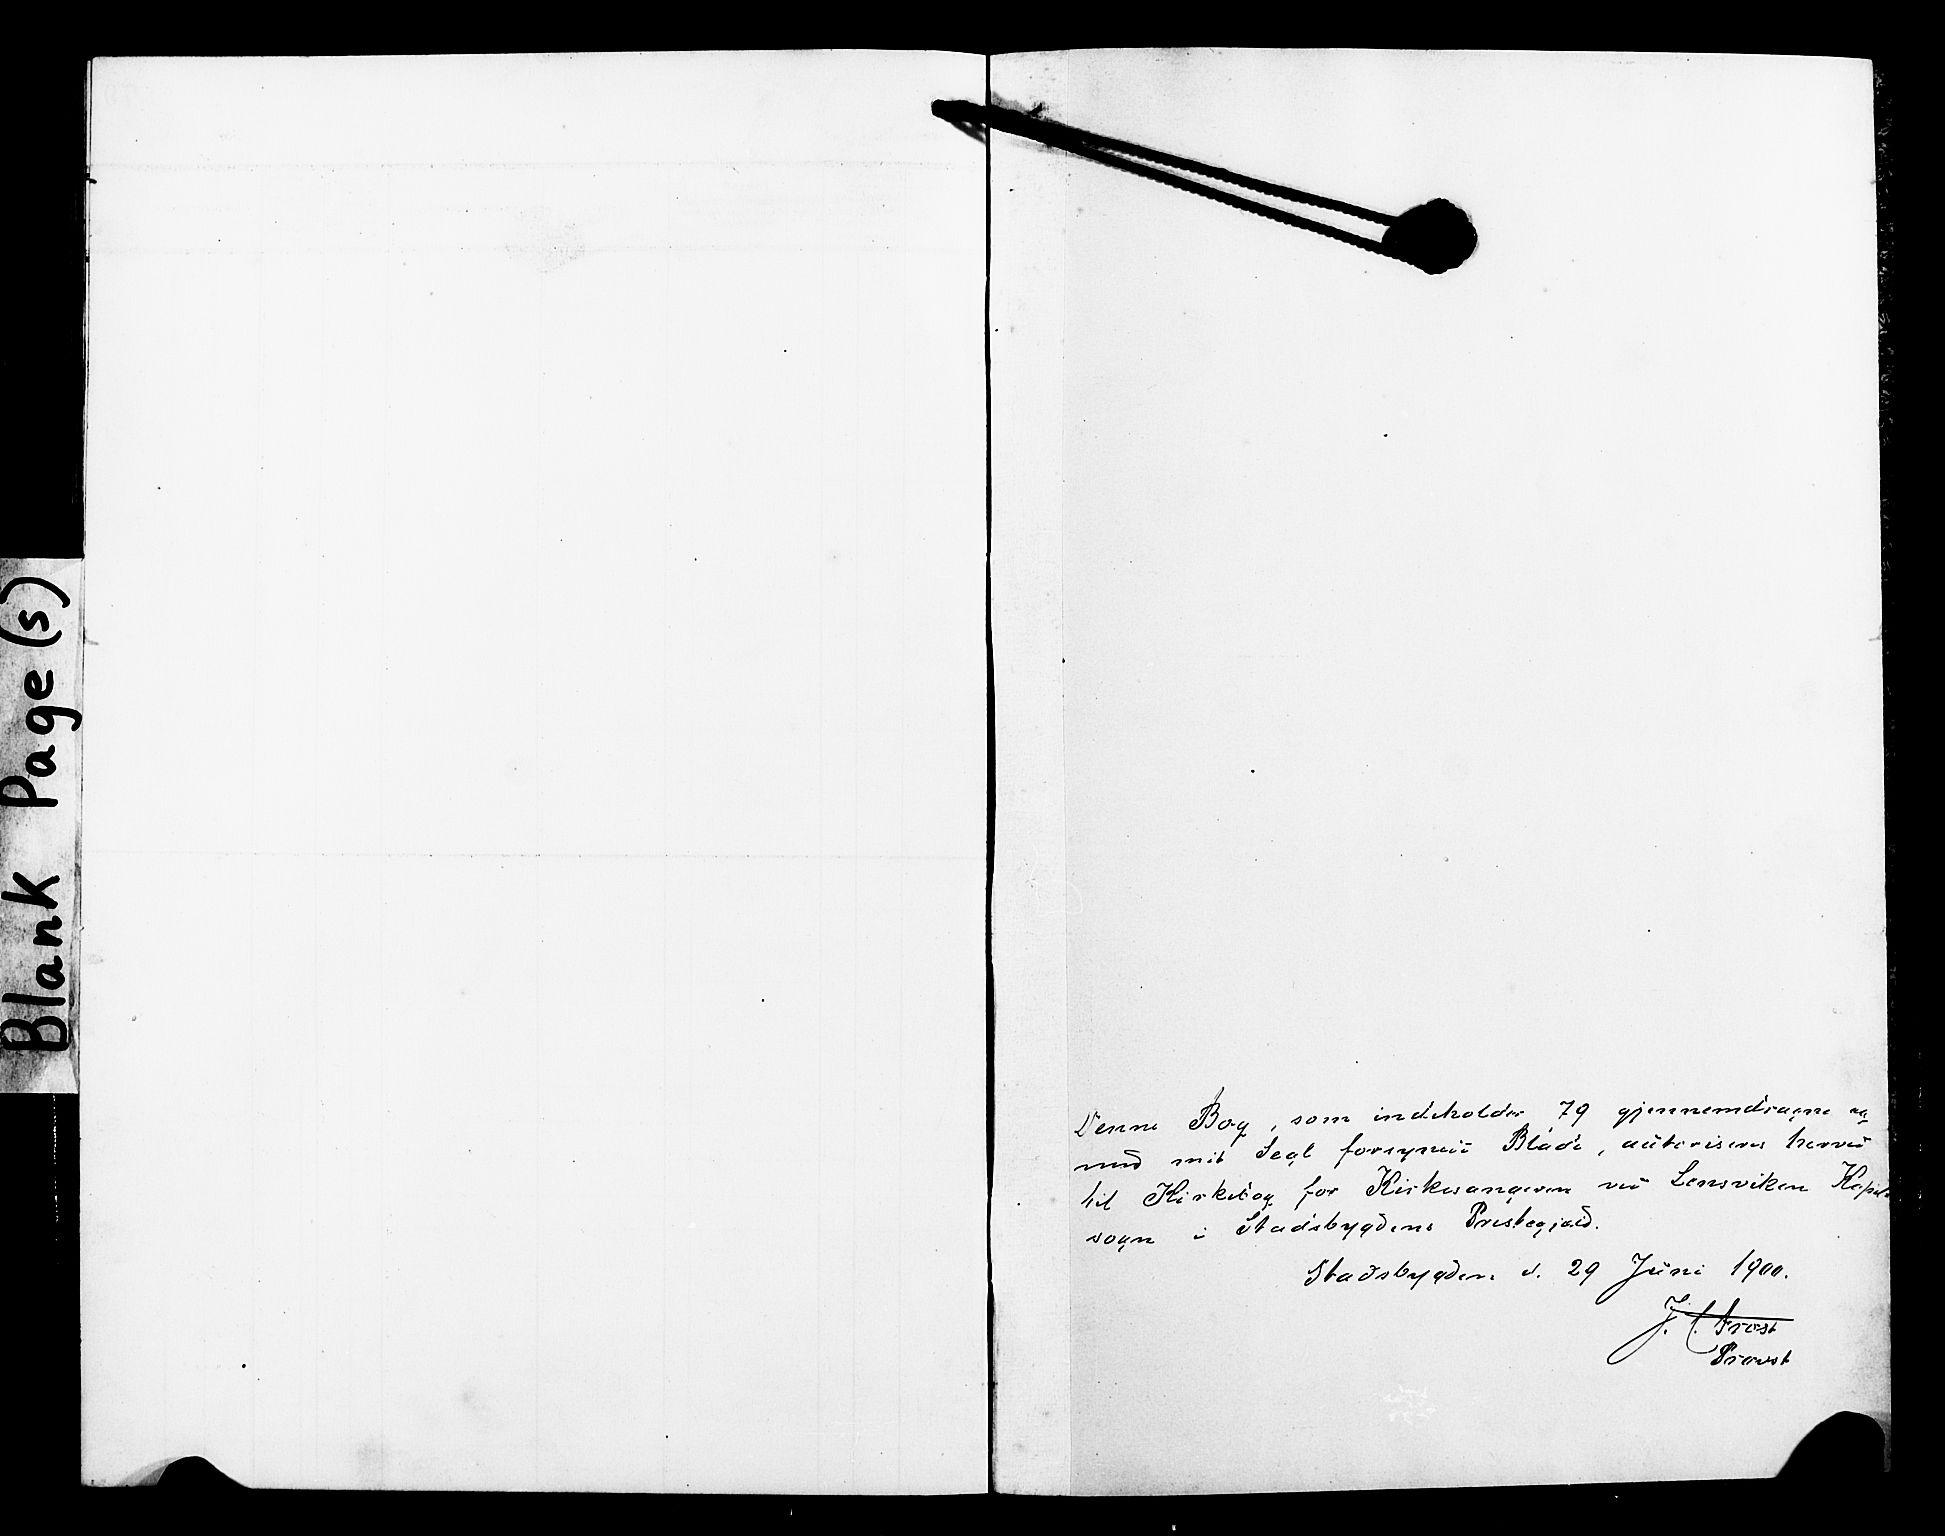 SAT, Ministerialprotokoller, klokkerbøker og fødselsregistre - Sør-Trøndelag, 663/L0763: Klokkerbok nr. 663C03, 1899-1908